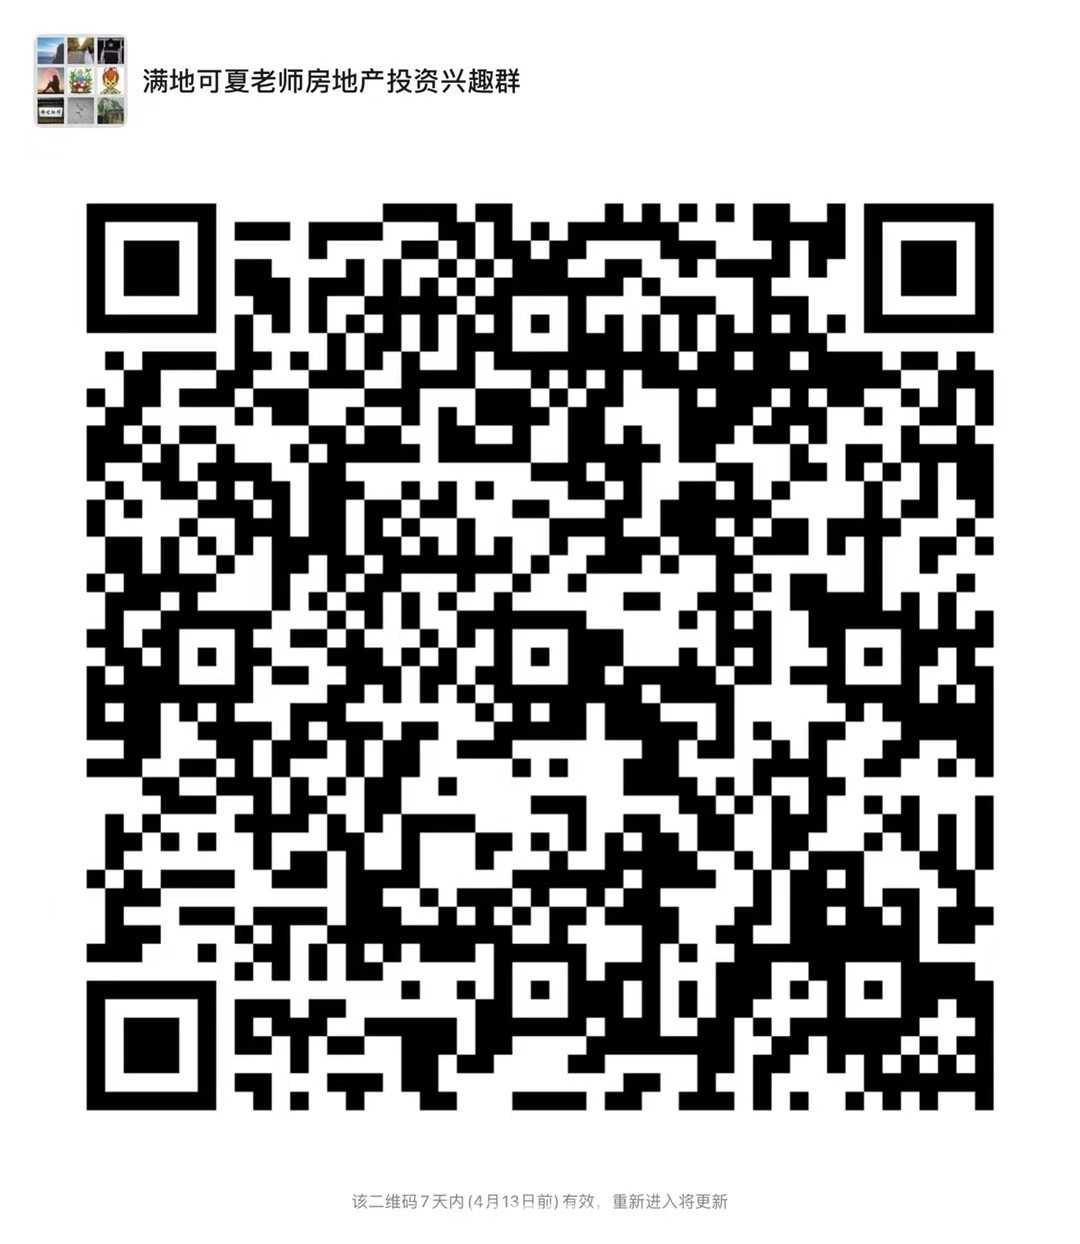 16c19dbb9a5561f0dd8280cfa856d8b.jpg